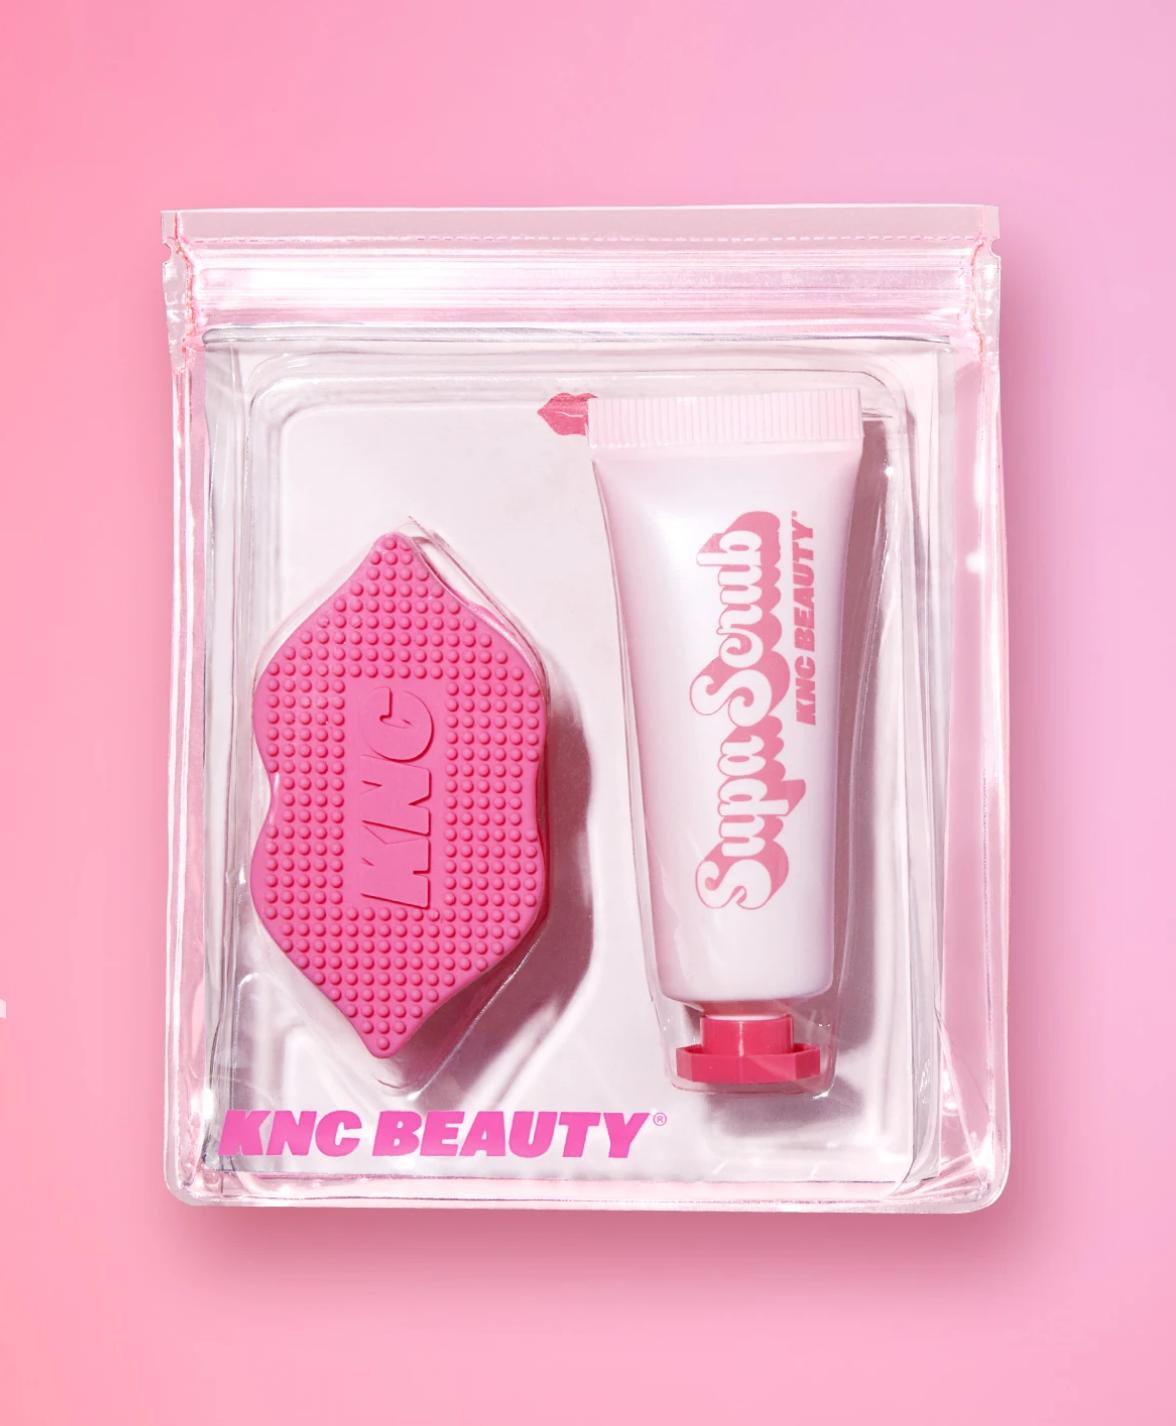 KNC Beauty Beauty Supa Scrub Set